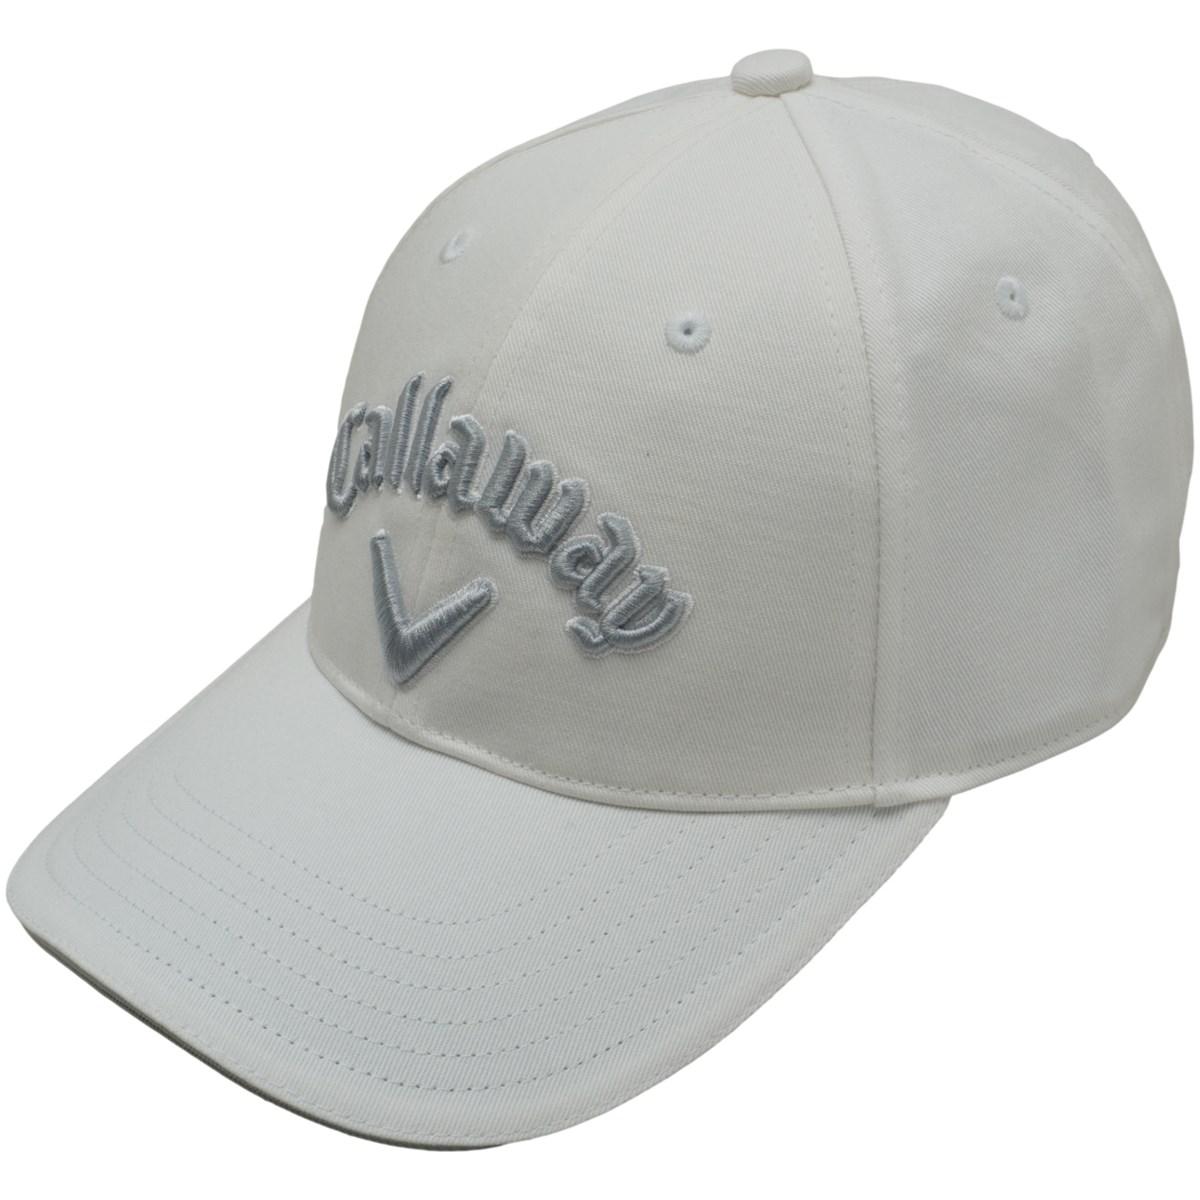 キャロウェイゴルフ Callaway Golf ベーシックキャップ フリー ホワイト/シルバー 031 レディス